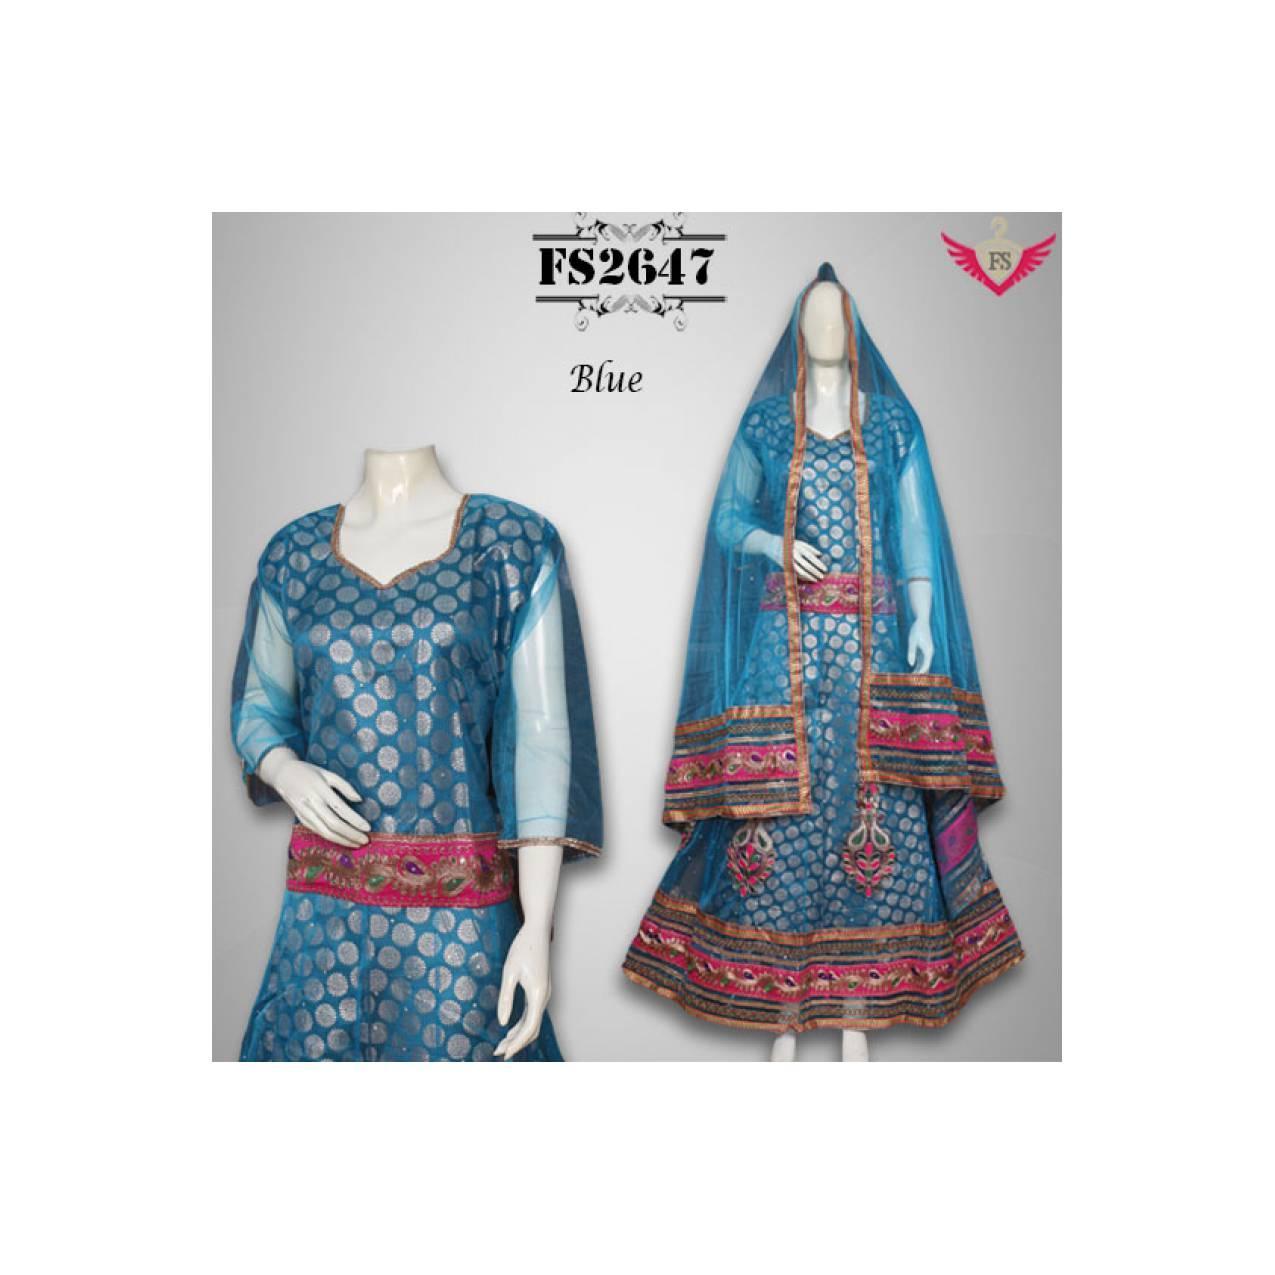 Gamis Muslim Artis Sari India Original Promo Lebaran